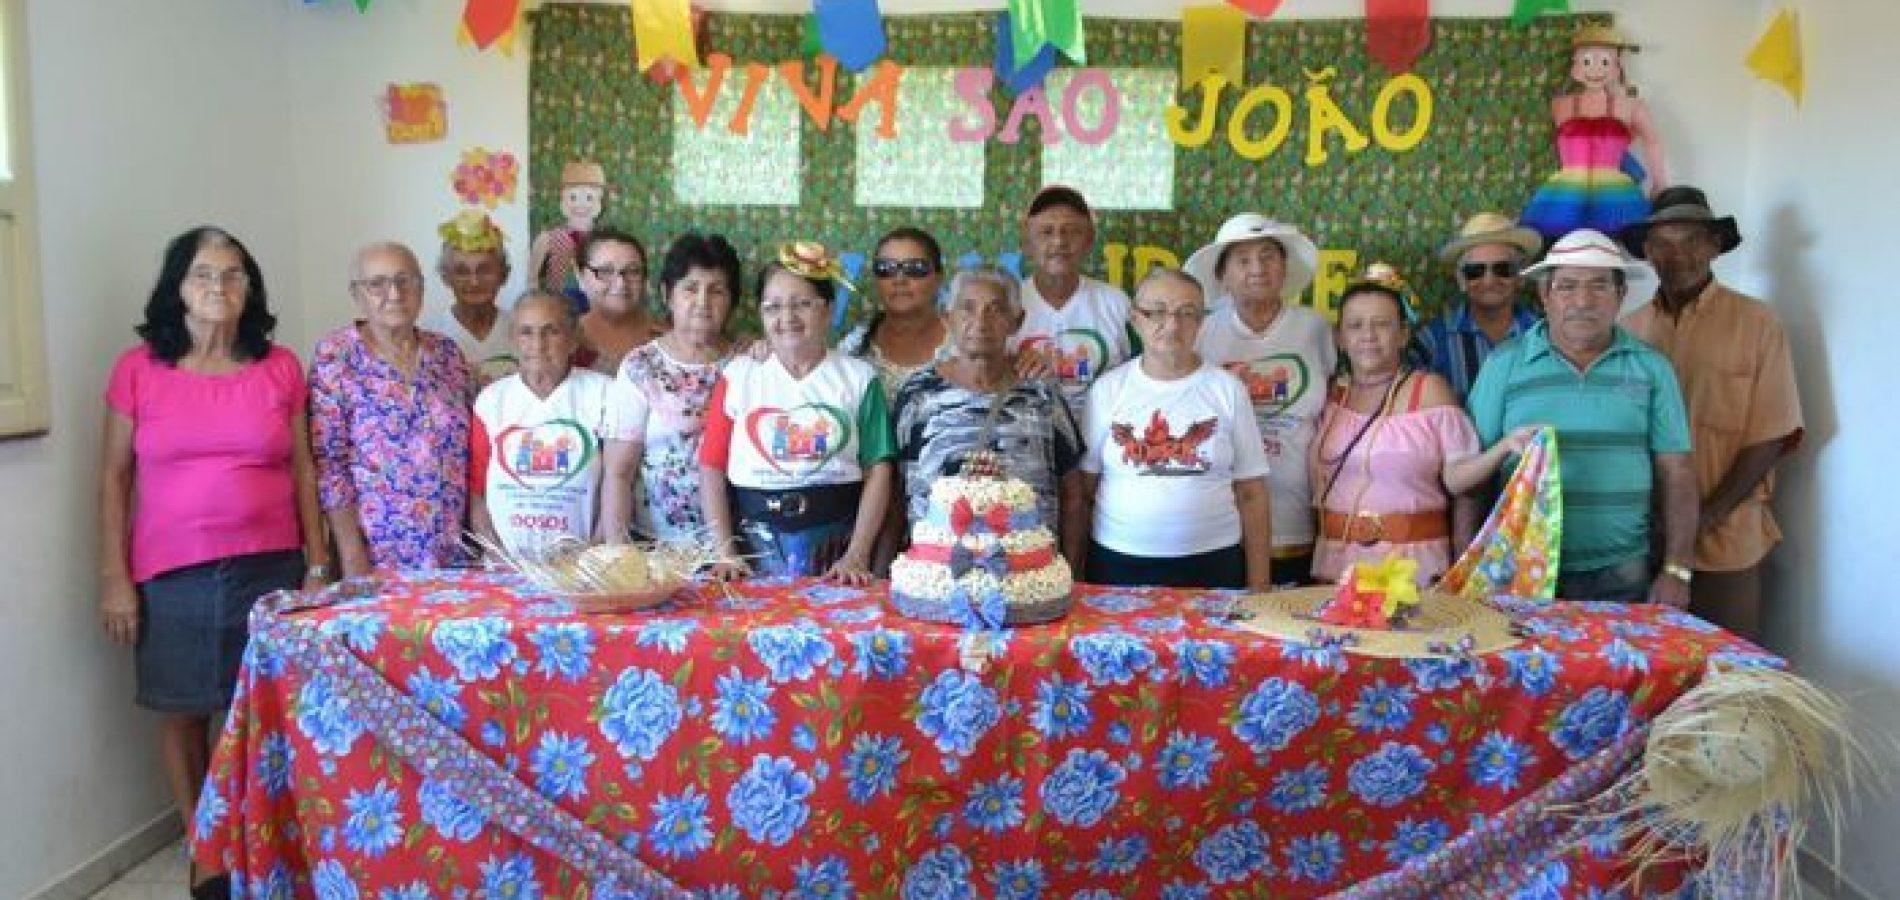 CRAS realiza festa junina para idosos do Grupo Viva Idade em Alegrete; veja fotos